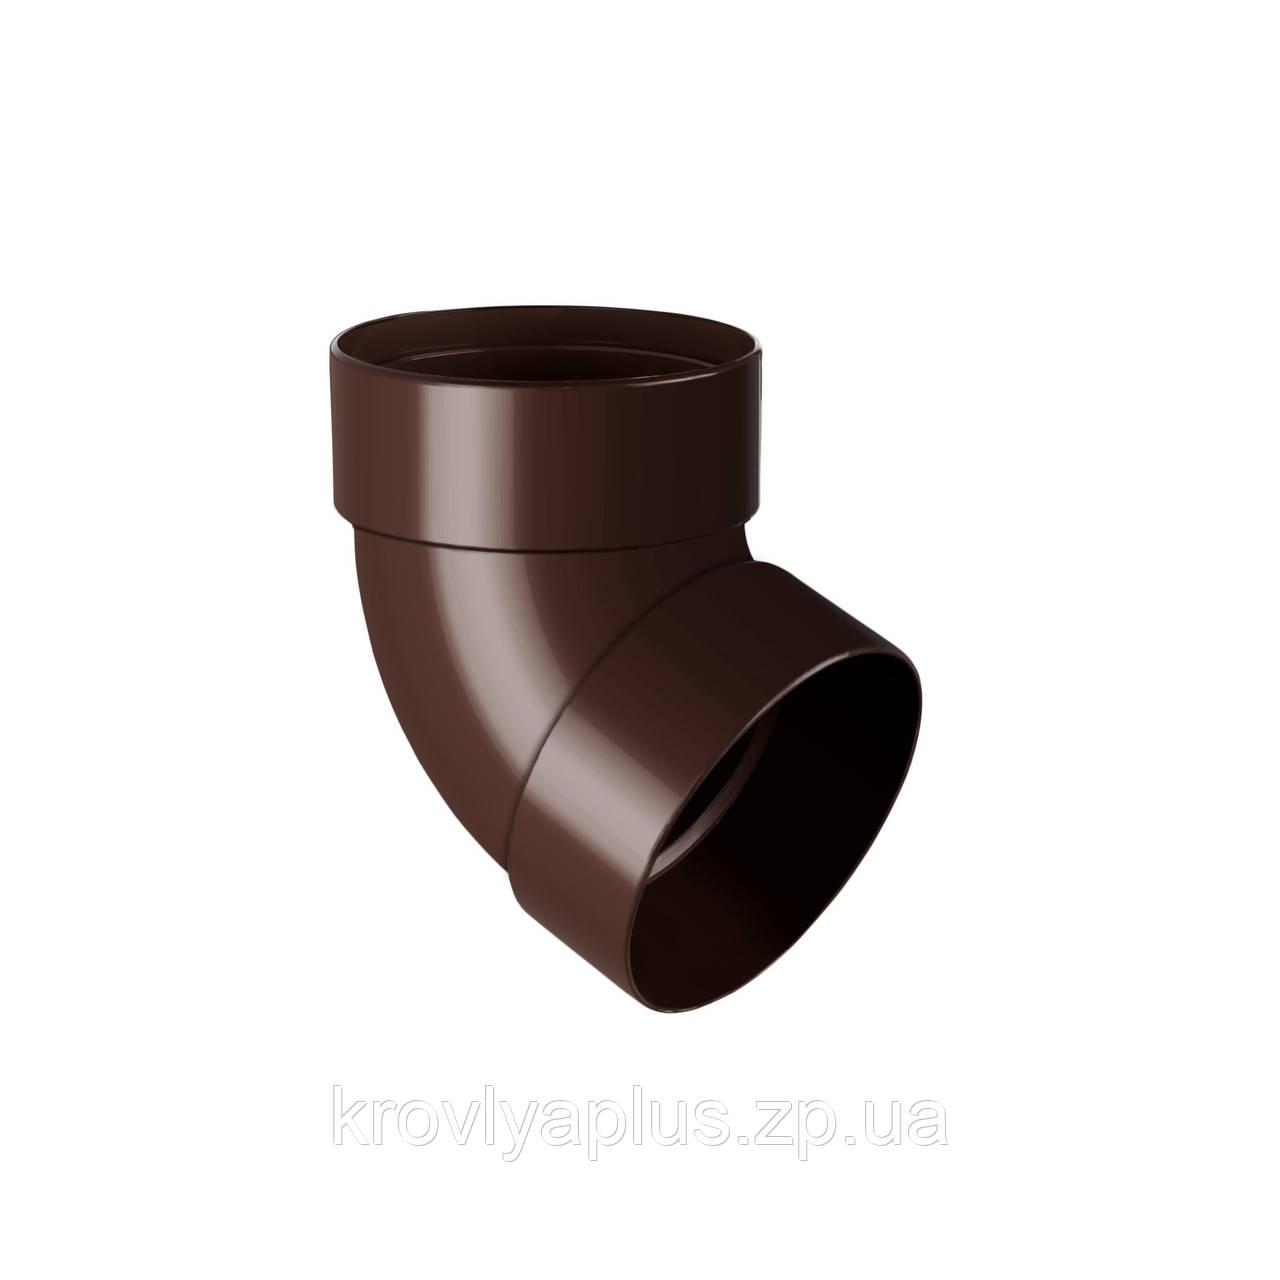 Колено трубы, отвод двомуфтовый 67° Ø100 (Rainway, Украина), коричневый.